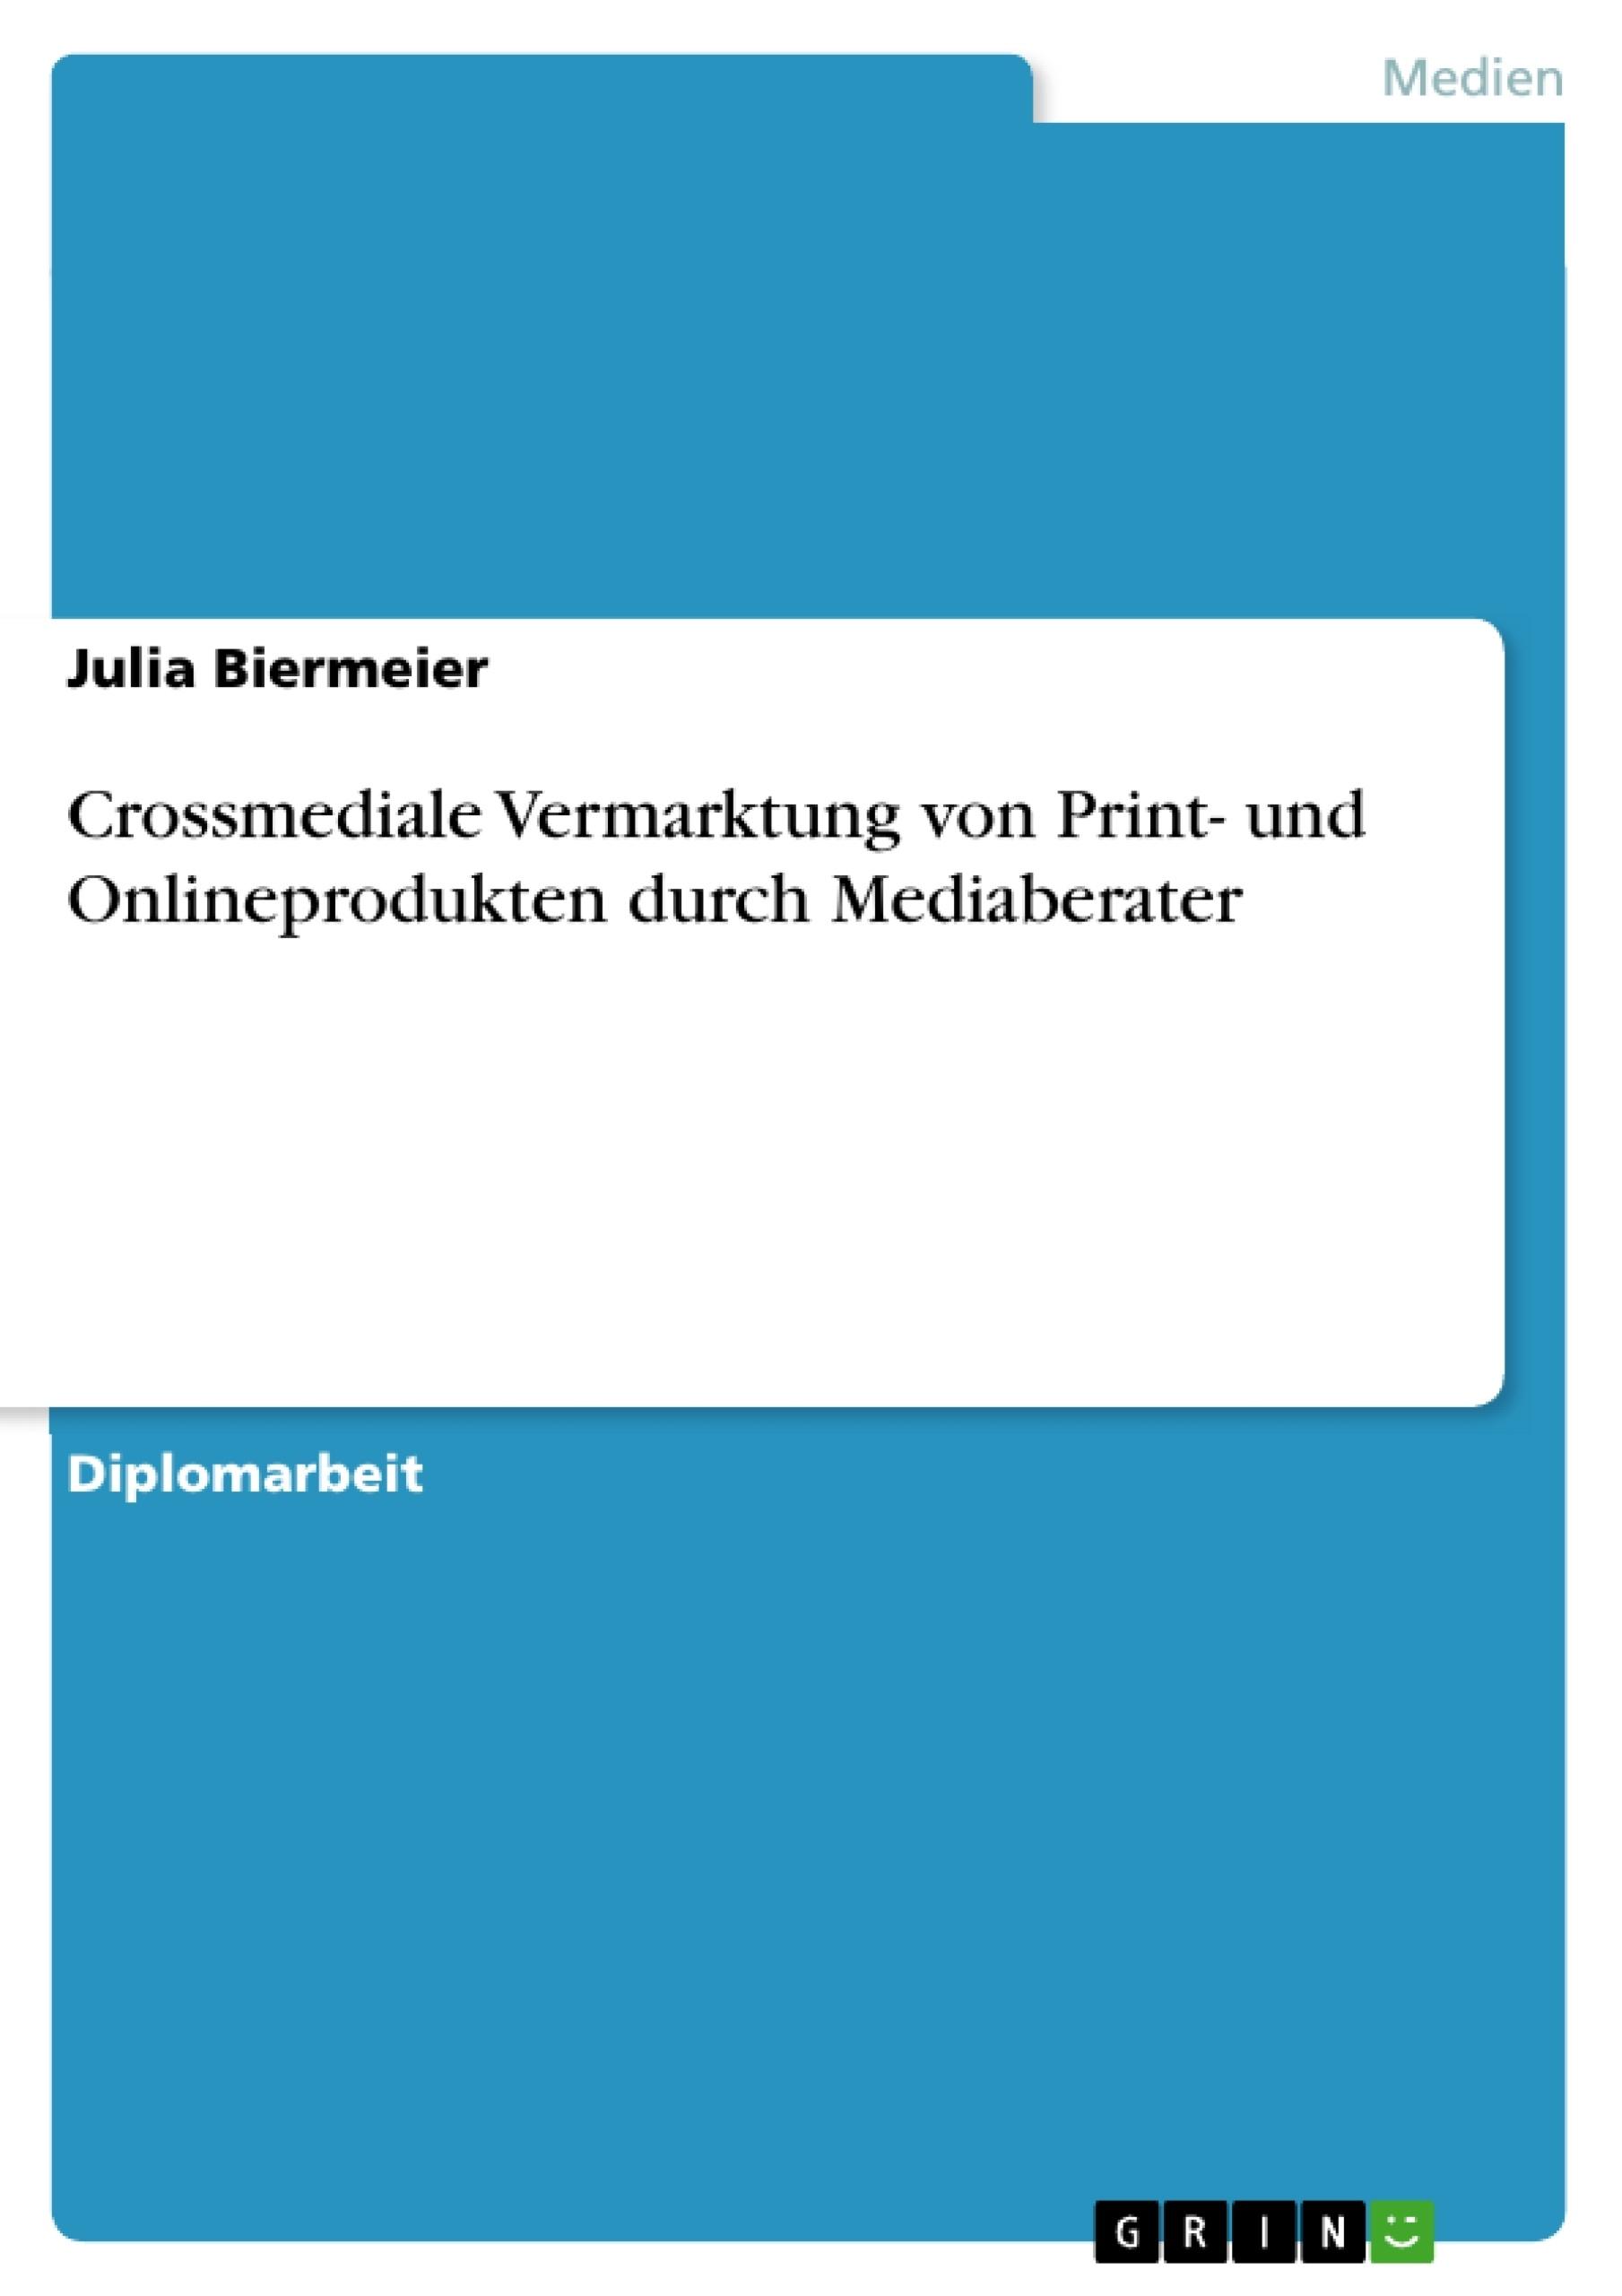 Titel: Crossmediale Vermarktung von Print- und Onlineprodukten durch Mediaberater